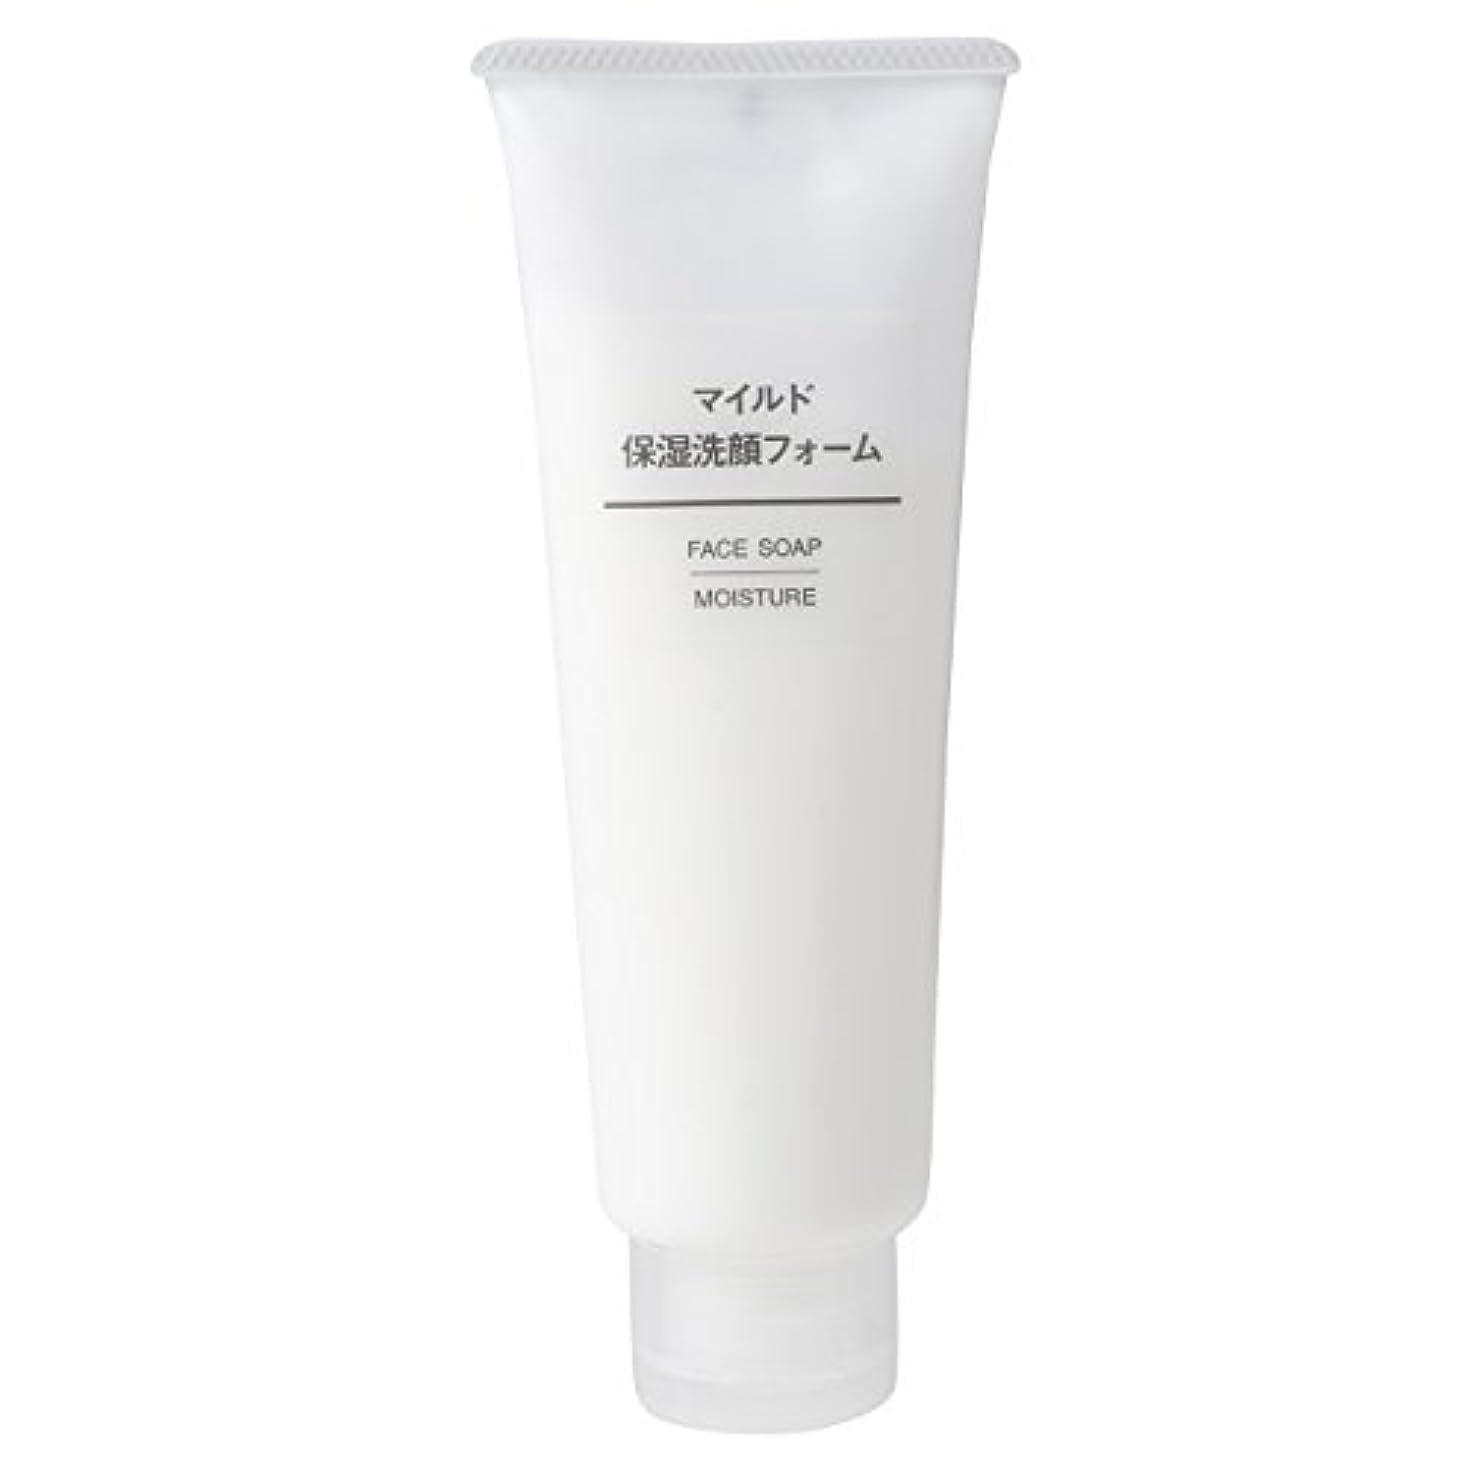 無印良品 マイルド保湿洗顔フォーム 120g